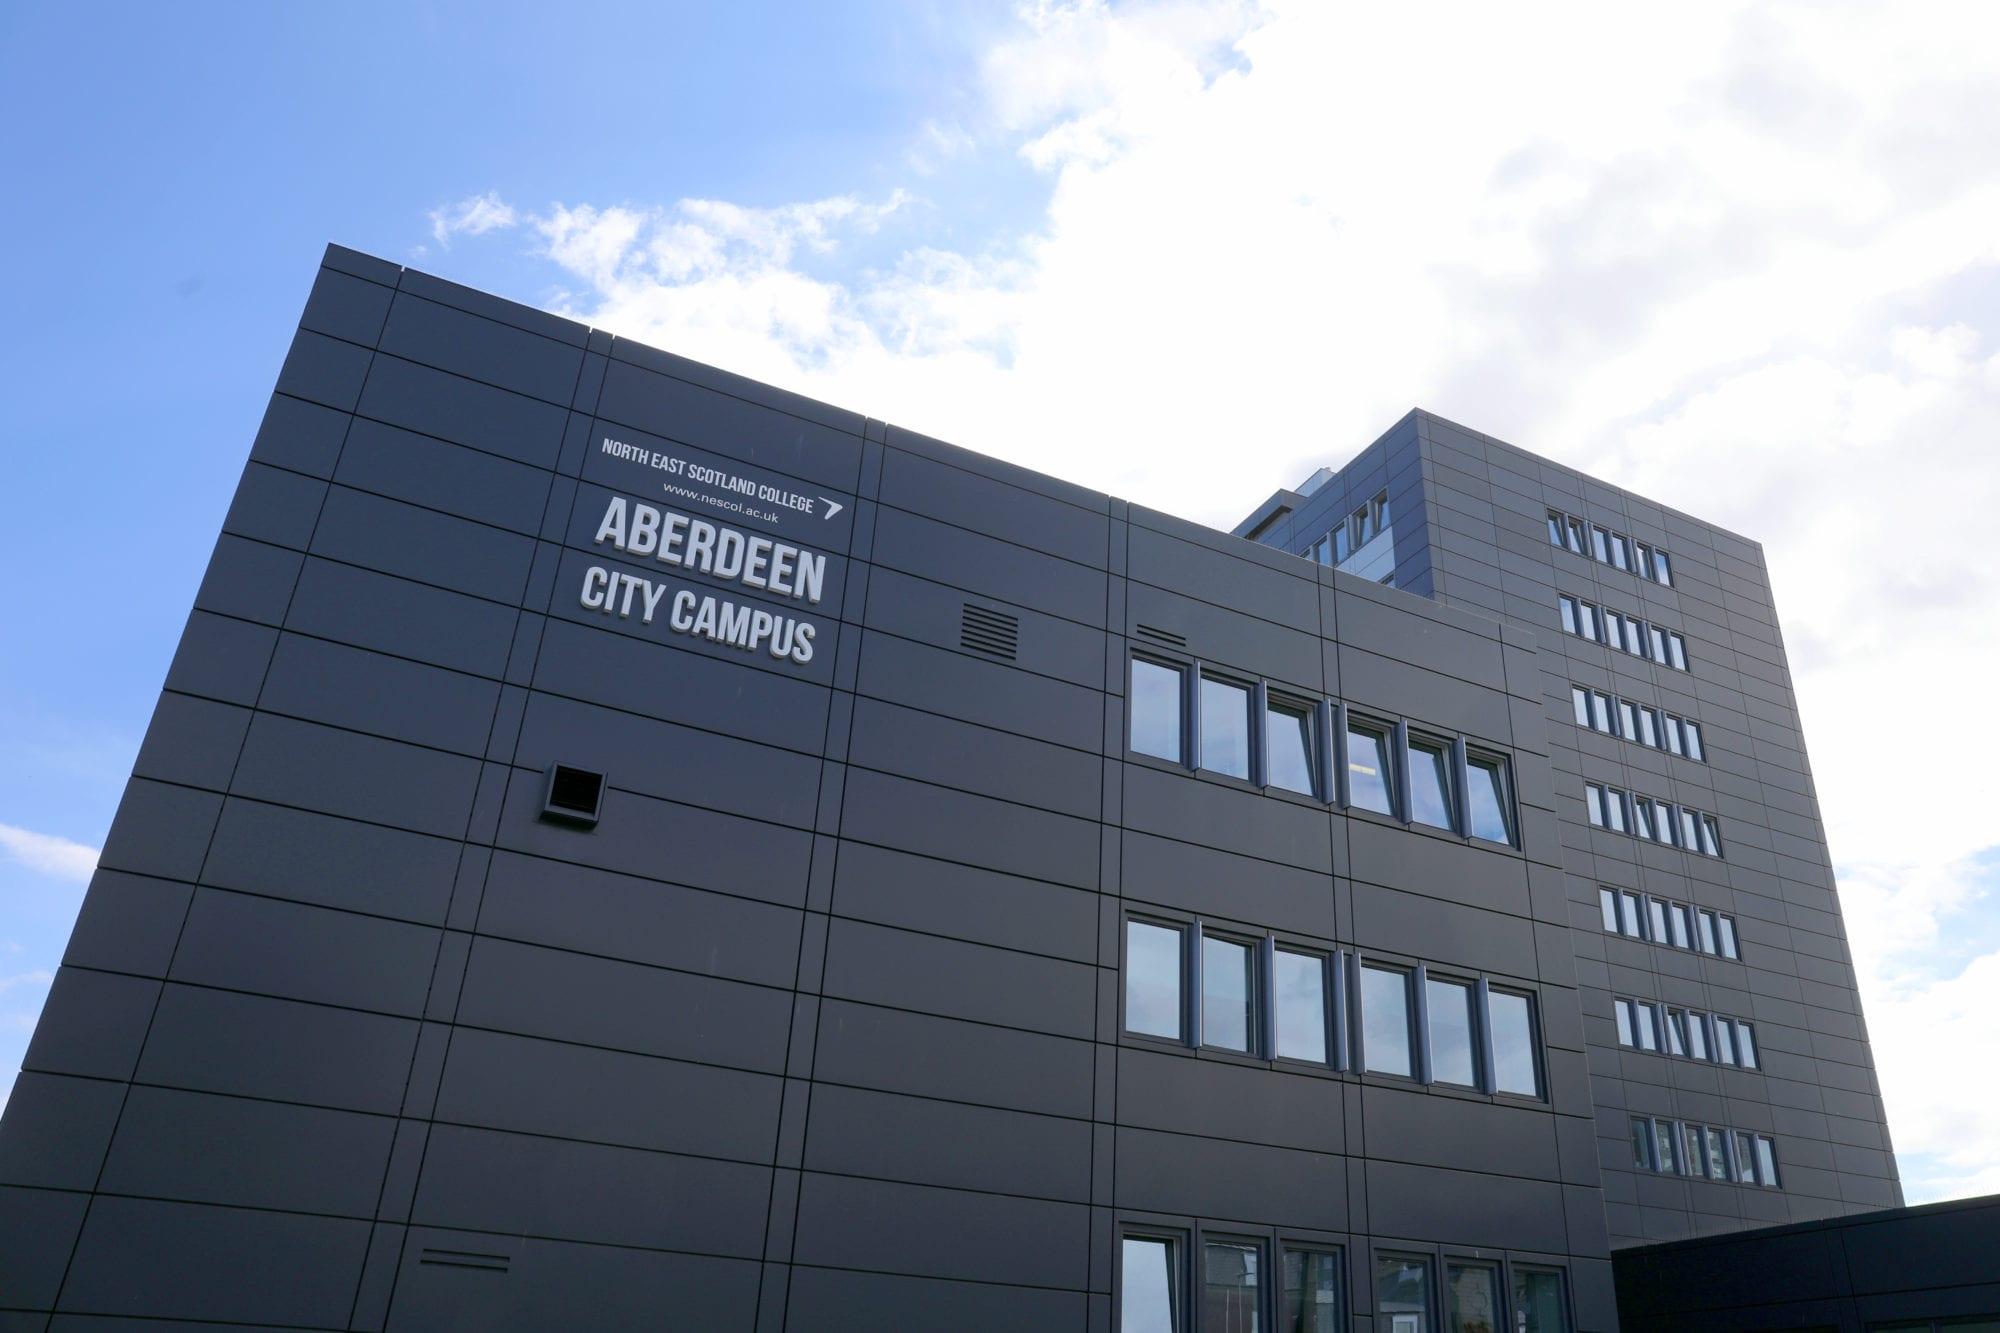 Aberdeen City Campus